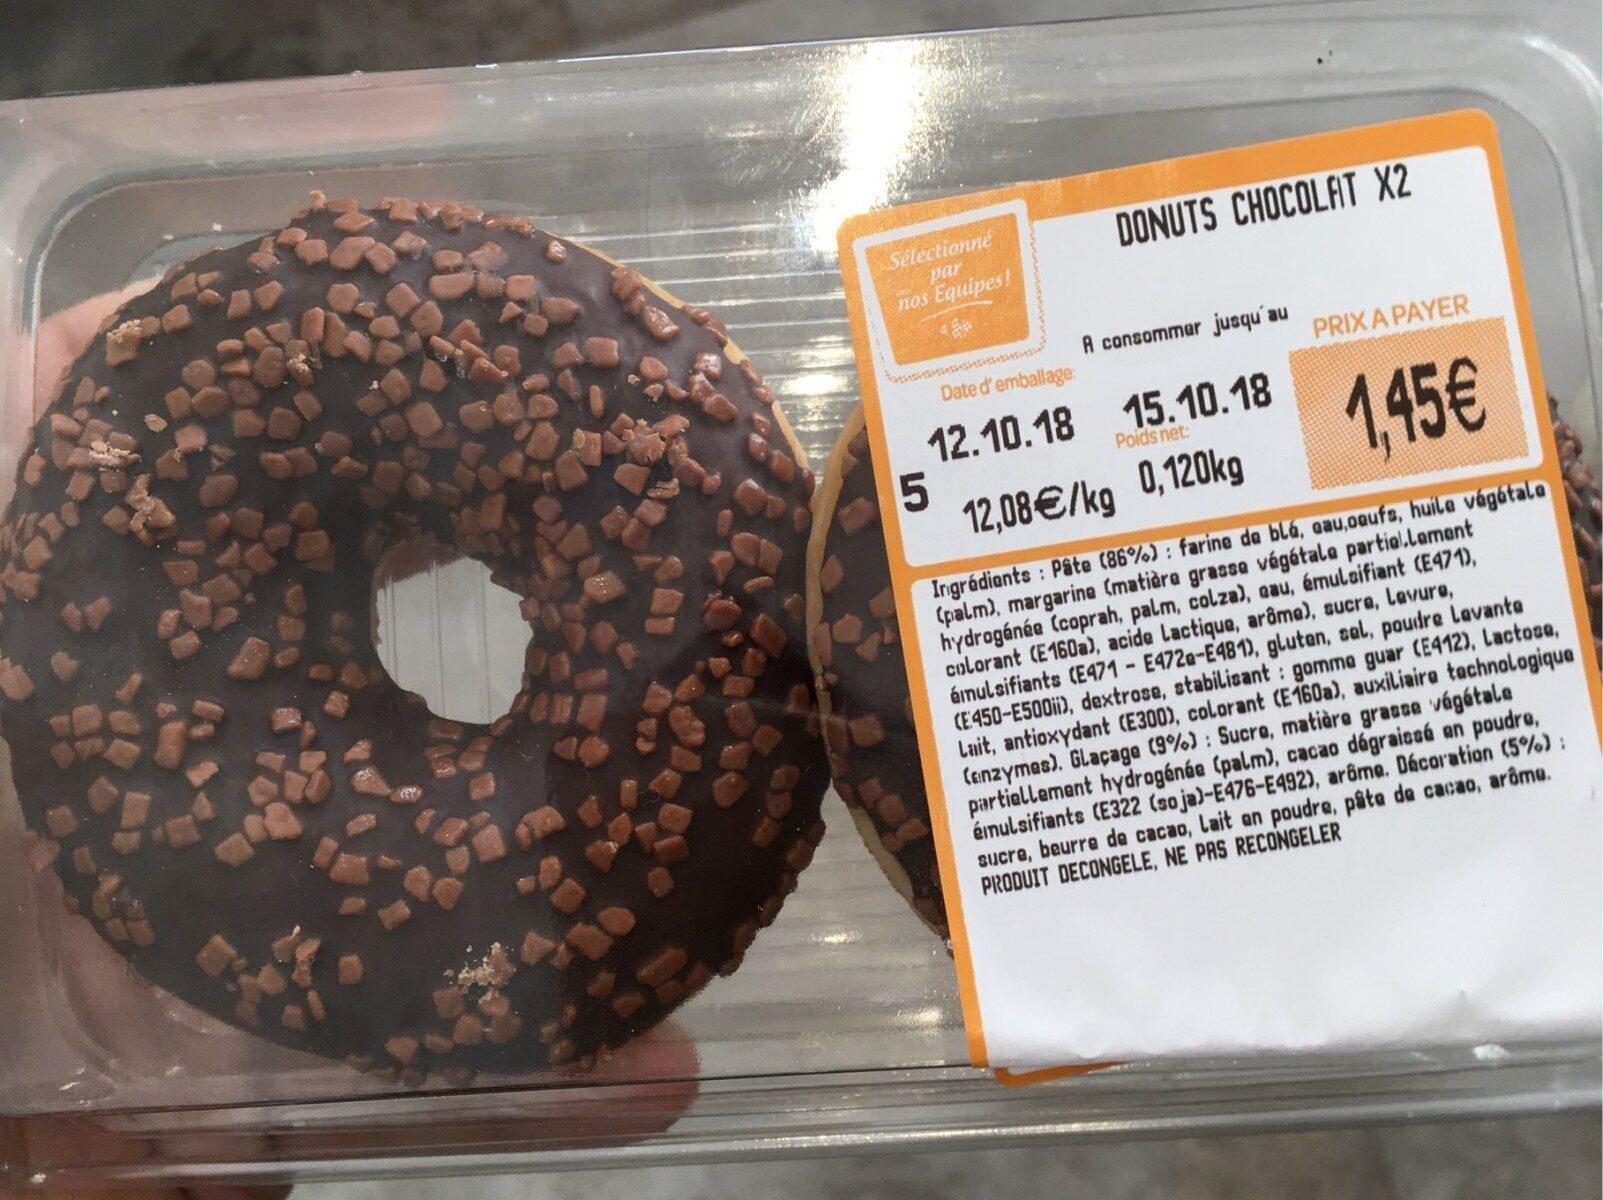 Donuts chocolat - Ürün - fr